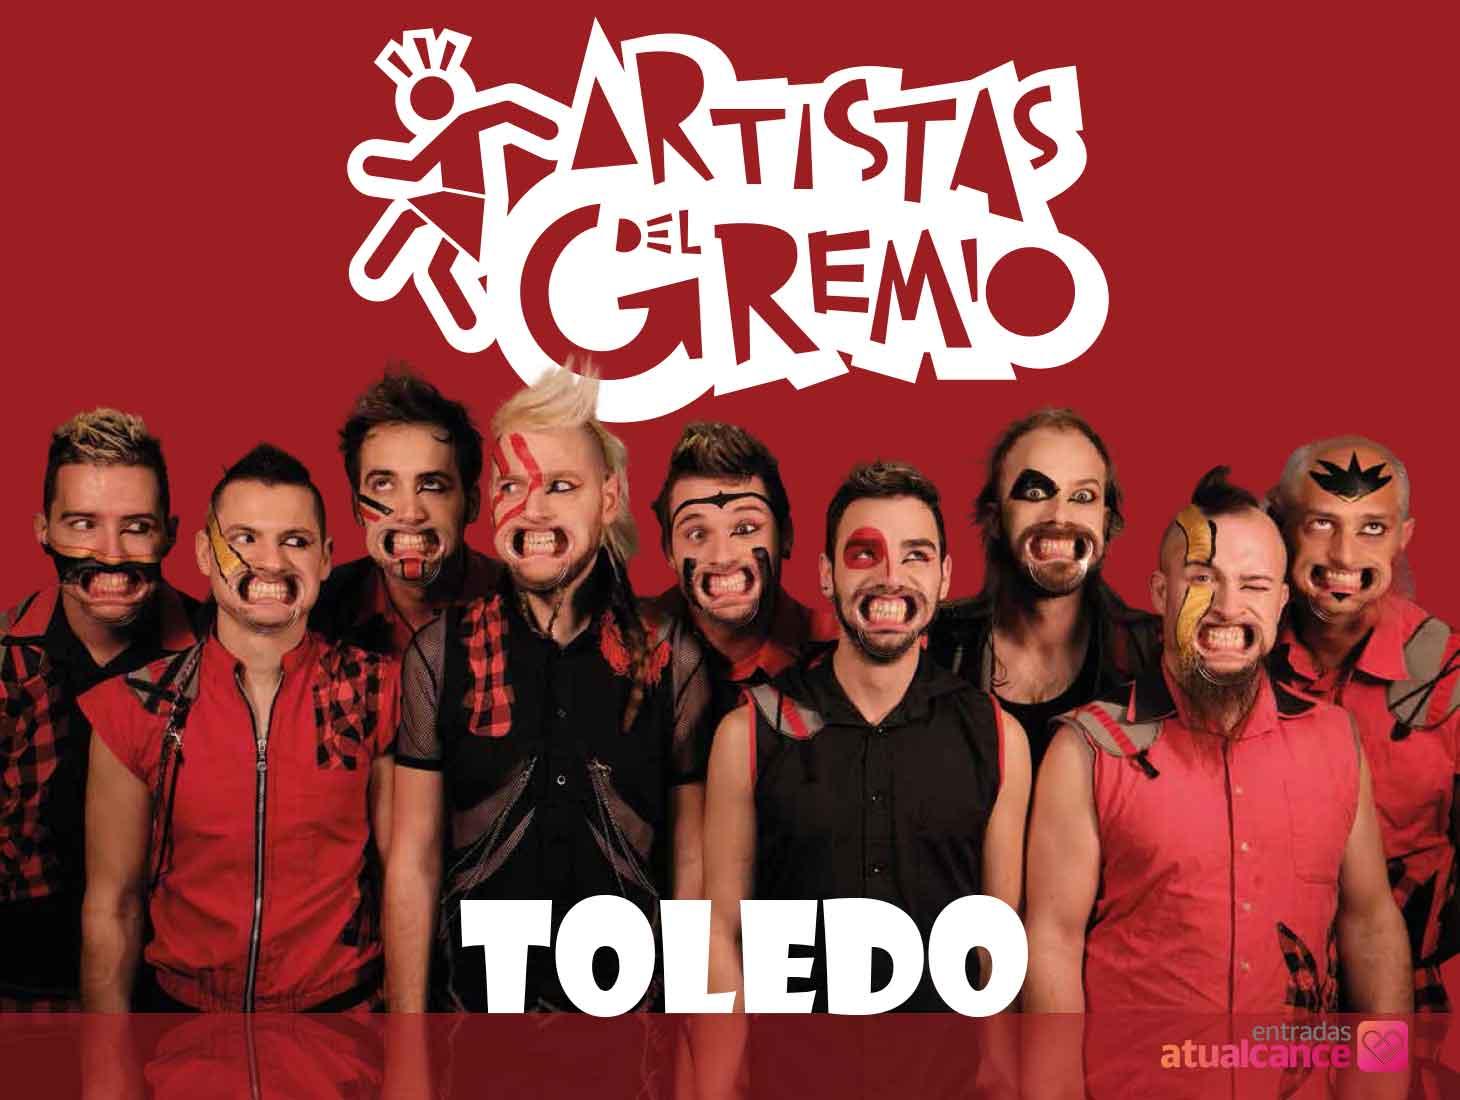 artistas-del-gremio-gps-toledo-5e1c5b0e5e8a5.jpeg